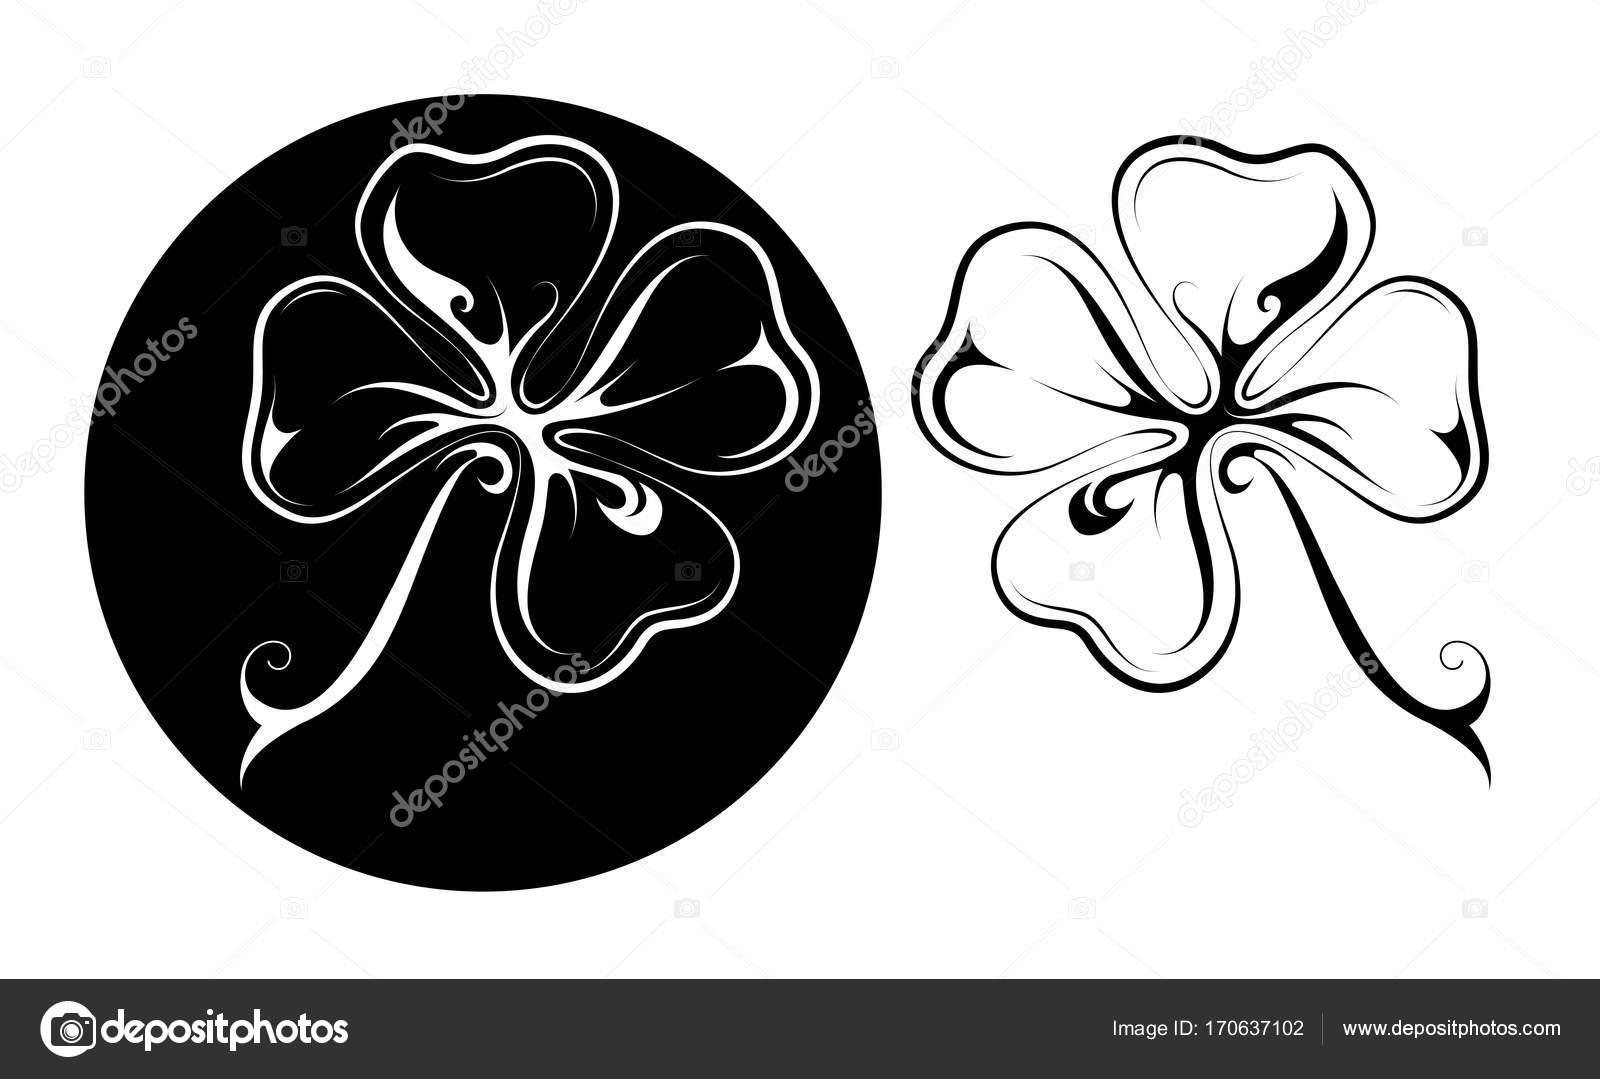 Szczęśliwy Tatuaż Koniczyny Czterech Liści W Dwóch